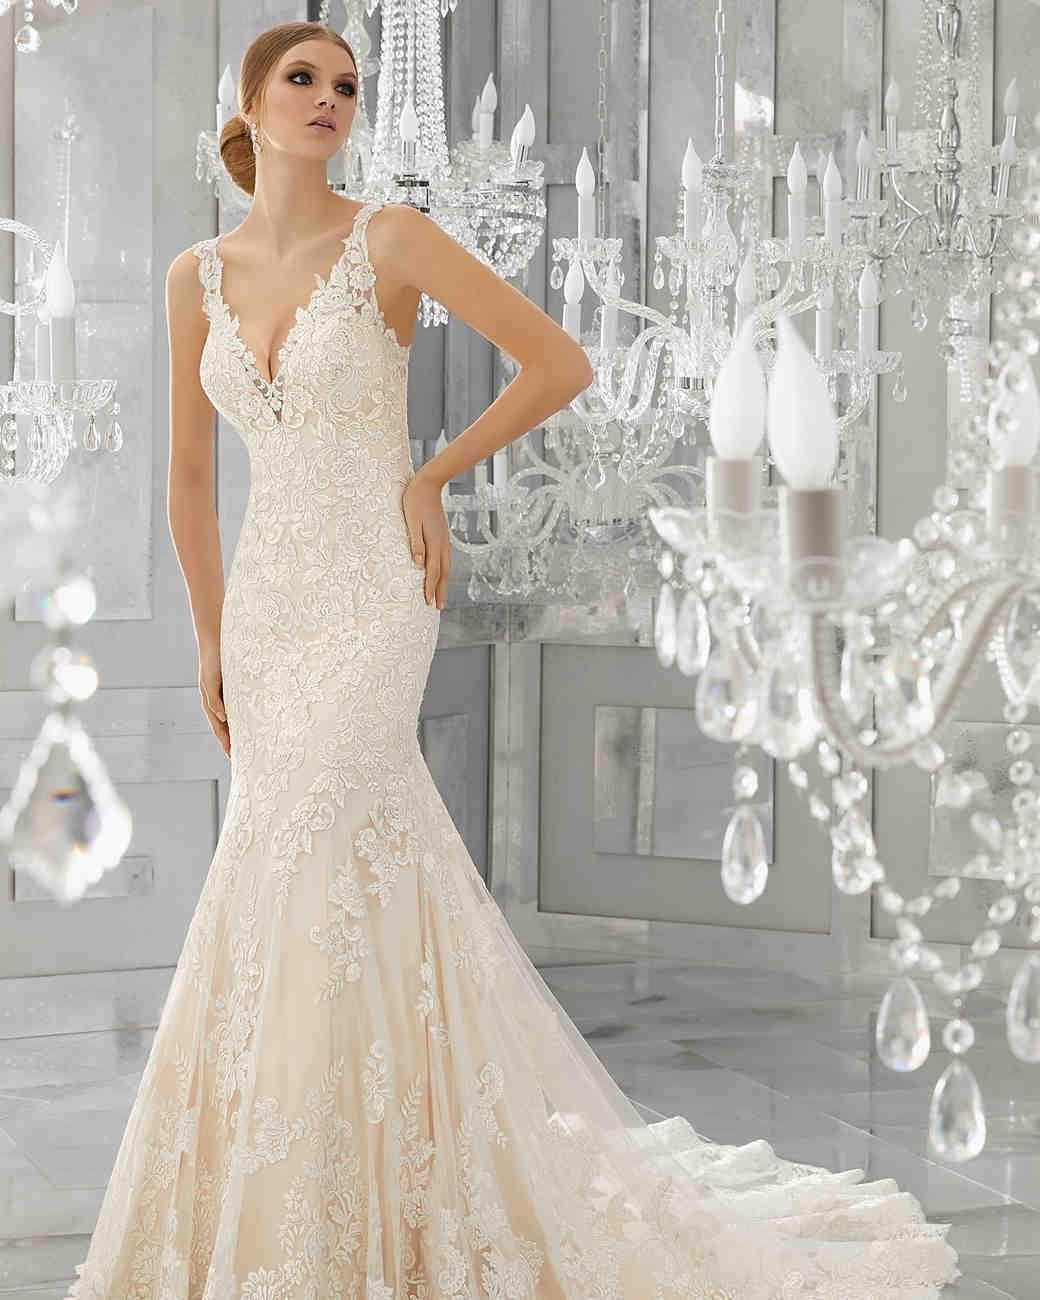 morilee wedding dress spring 2018 plunging v-neck lace trumpet